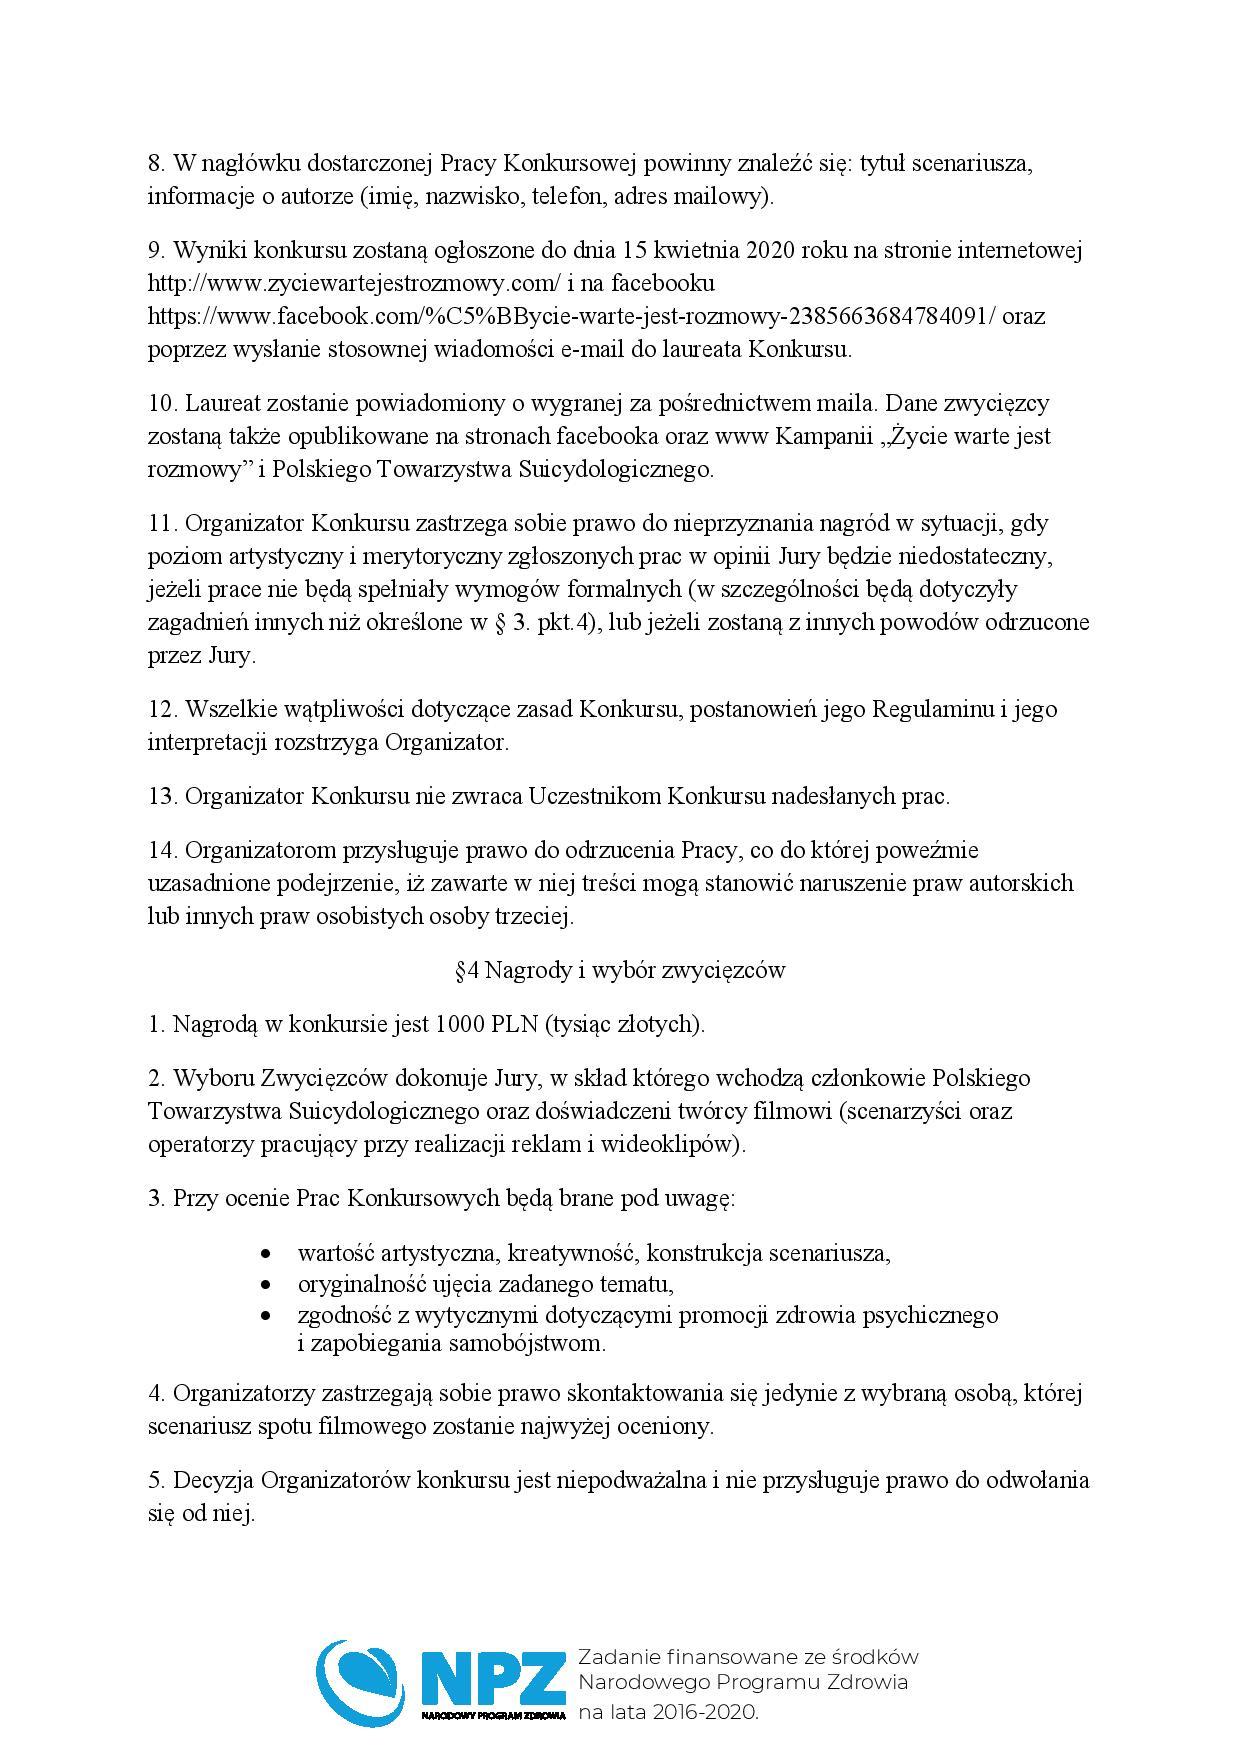 Regulamin_konkursu-page-002